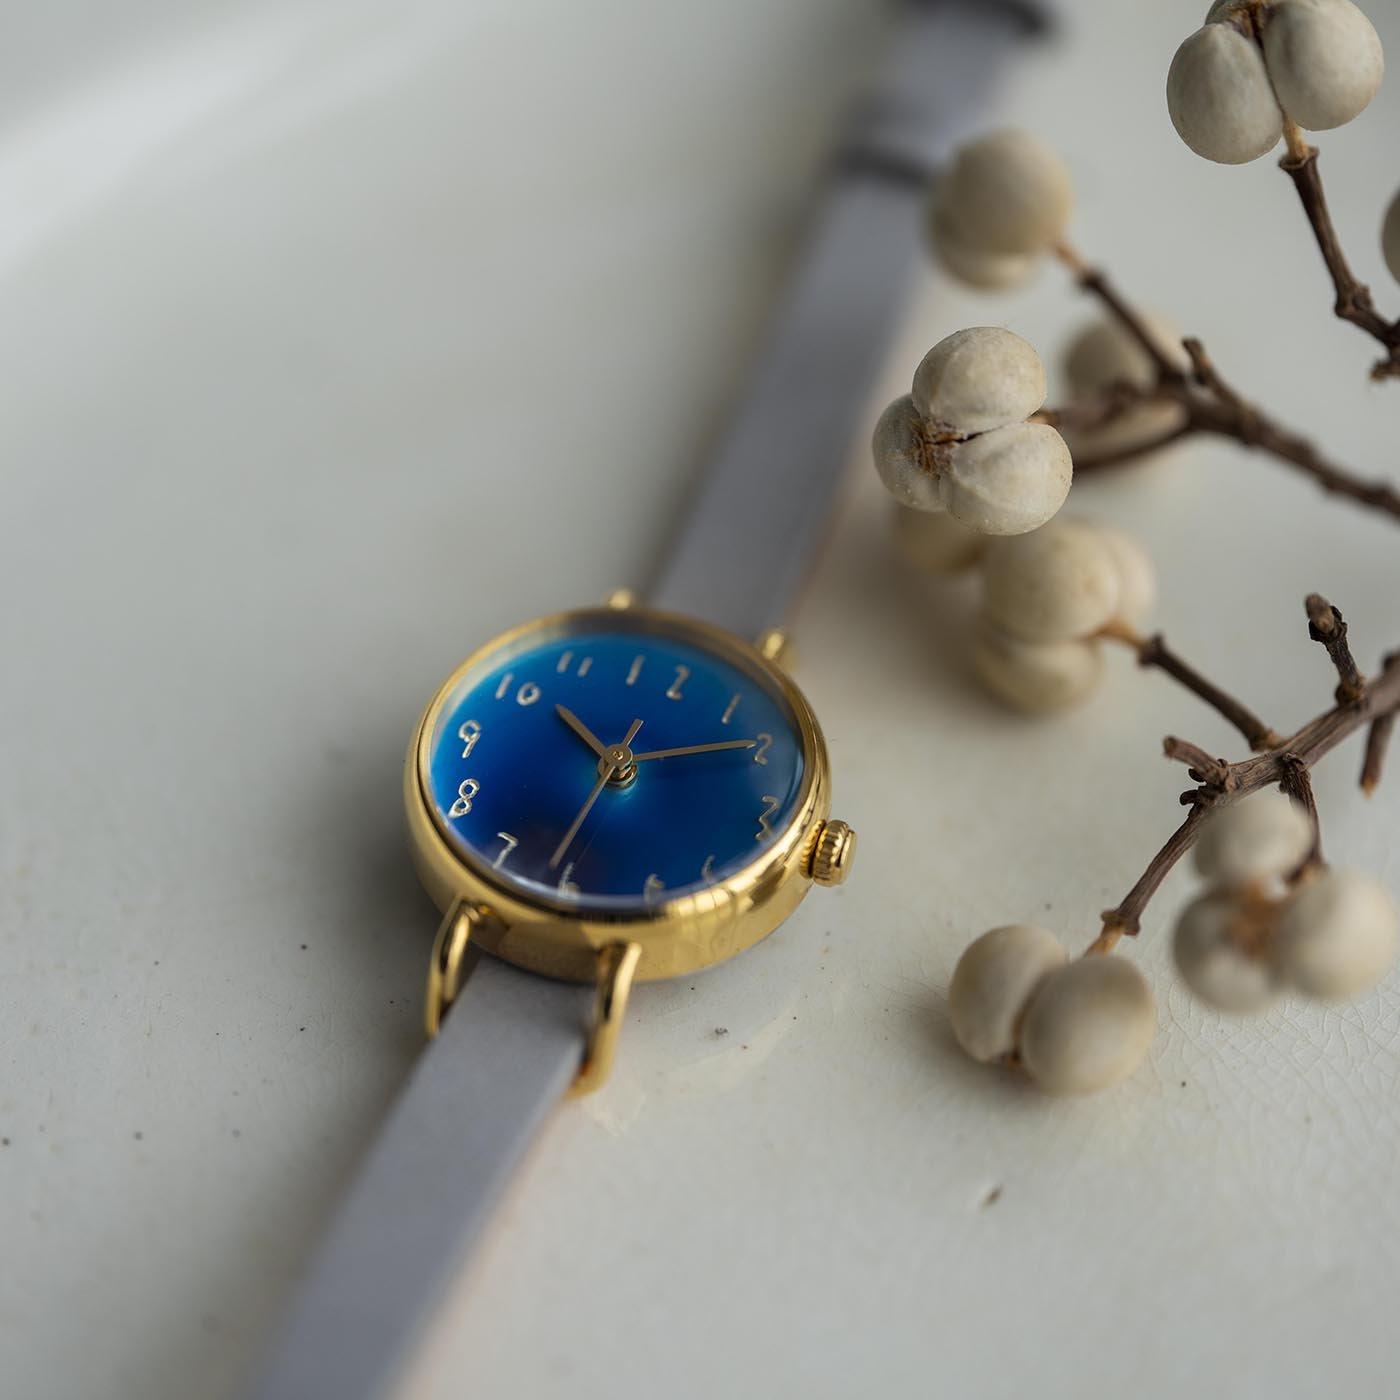 金沢の時計職人が手掛けた 藍月に見惚れる腕時計〈白銀色〉[時計:日本製]